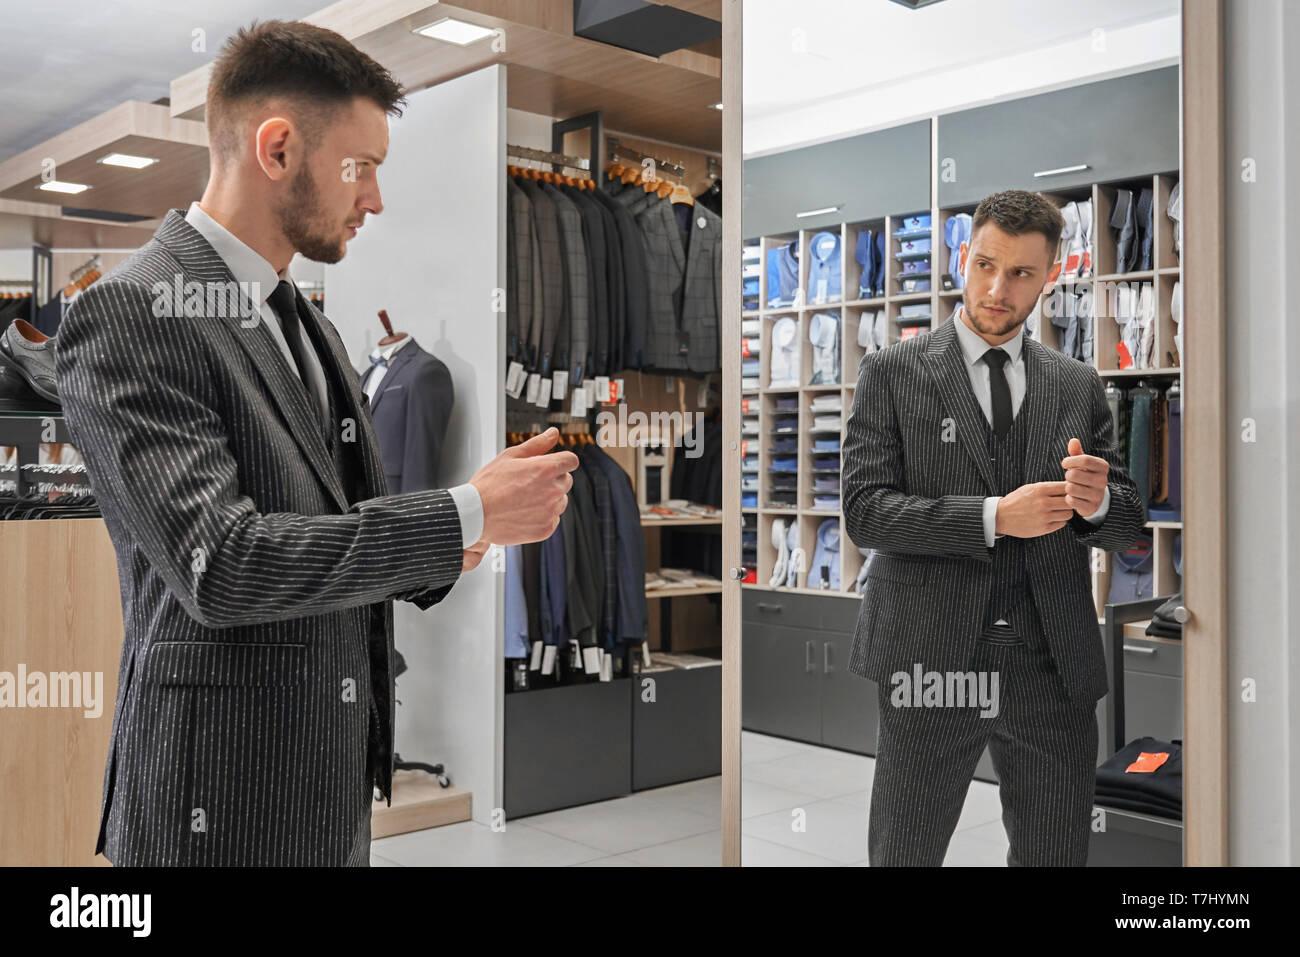 Uomo bello in elegante tuta a strisce in piedi, guardando a specchio nella boutique e la scelta di abbigliamento. Client di giovani nel quartiere alla moda di camicia, la camicia bianca e cravatta nera. Immagini Stock